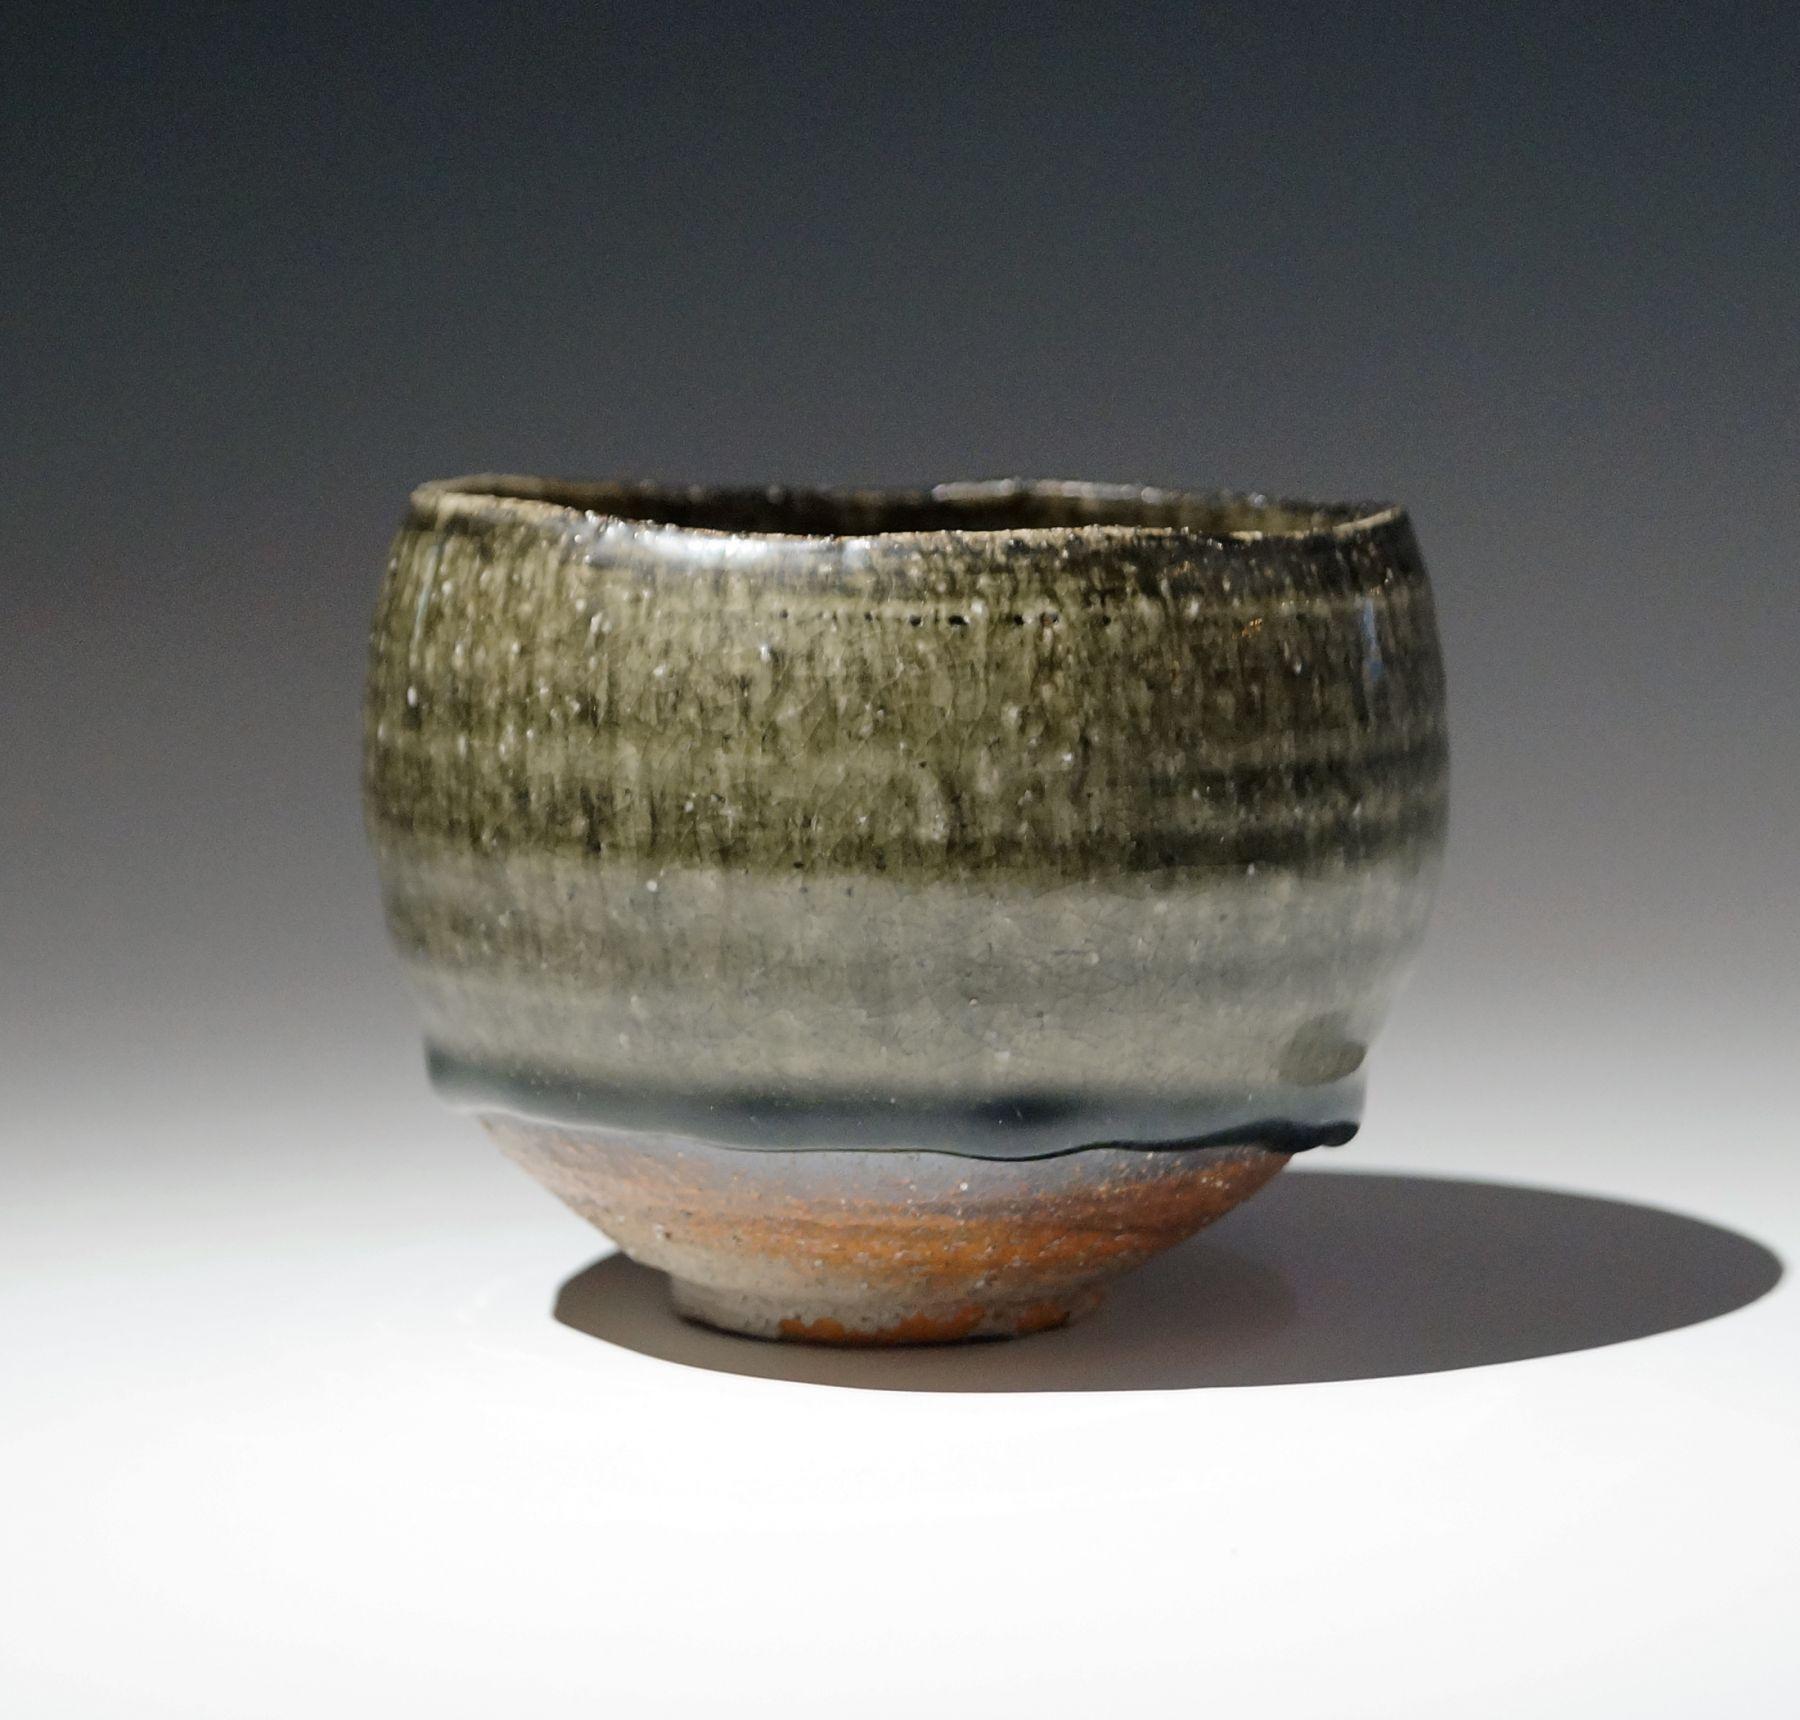 Fujihira, Shin, Fujihira Shin, rounded, teabowl, pooling, dark, green, brown, ash, glaze, dripping, stoneware, 2010, clay, ceramics, contemporary, Japanese, Japan, Japanese ceramics, chawan